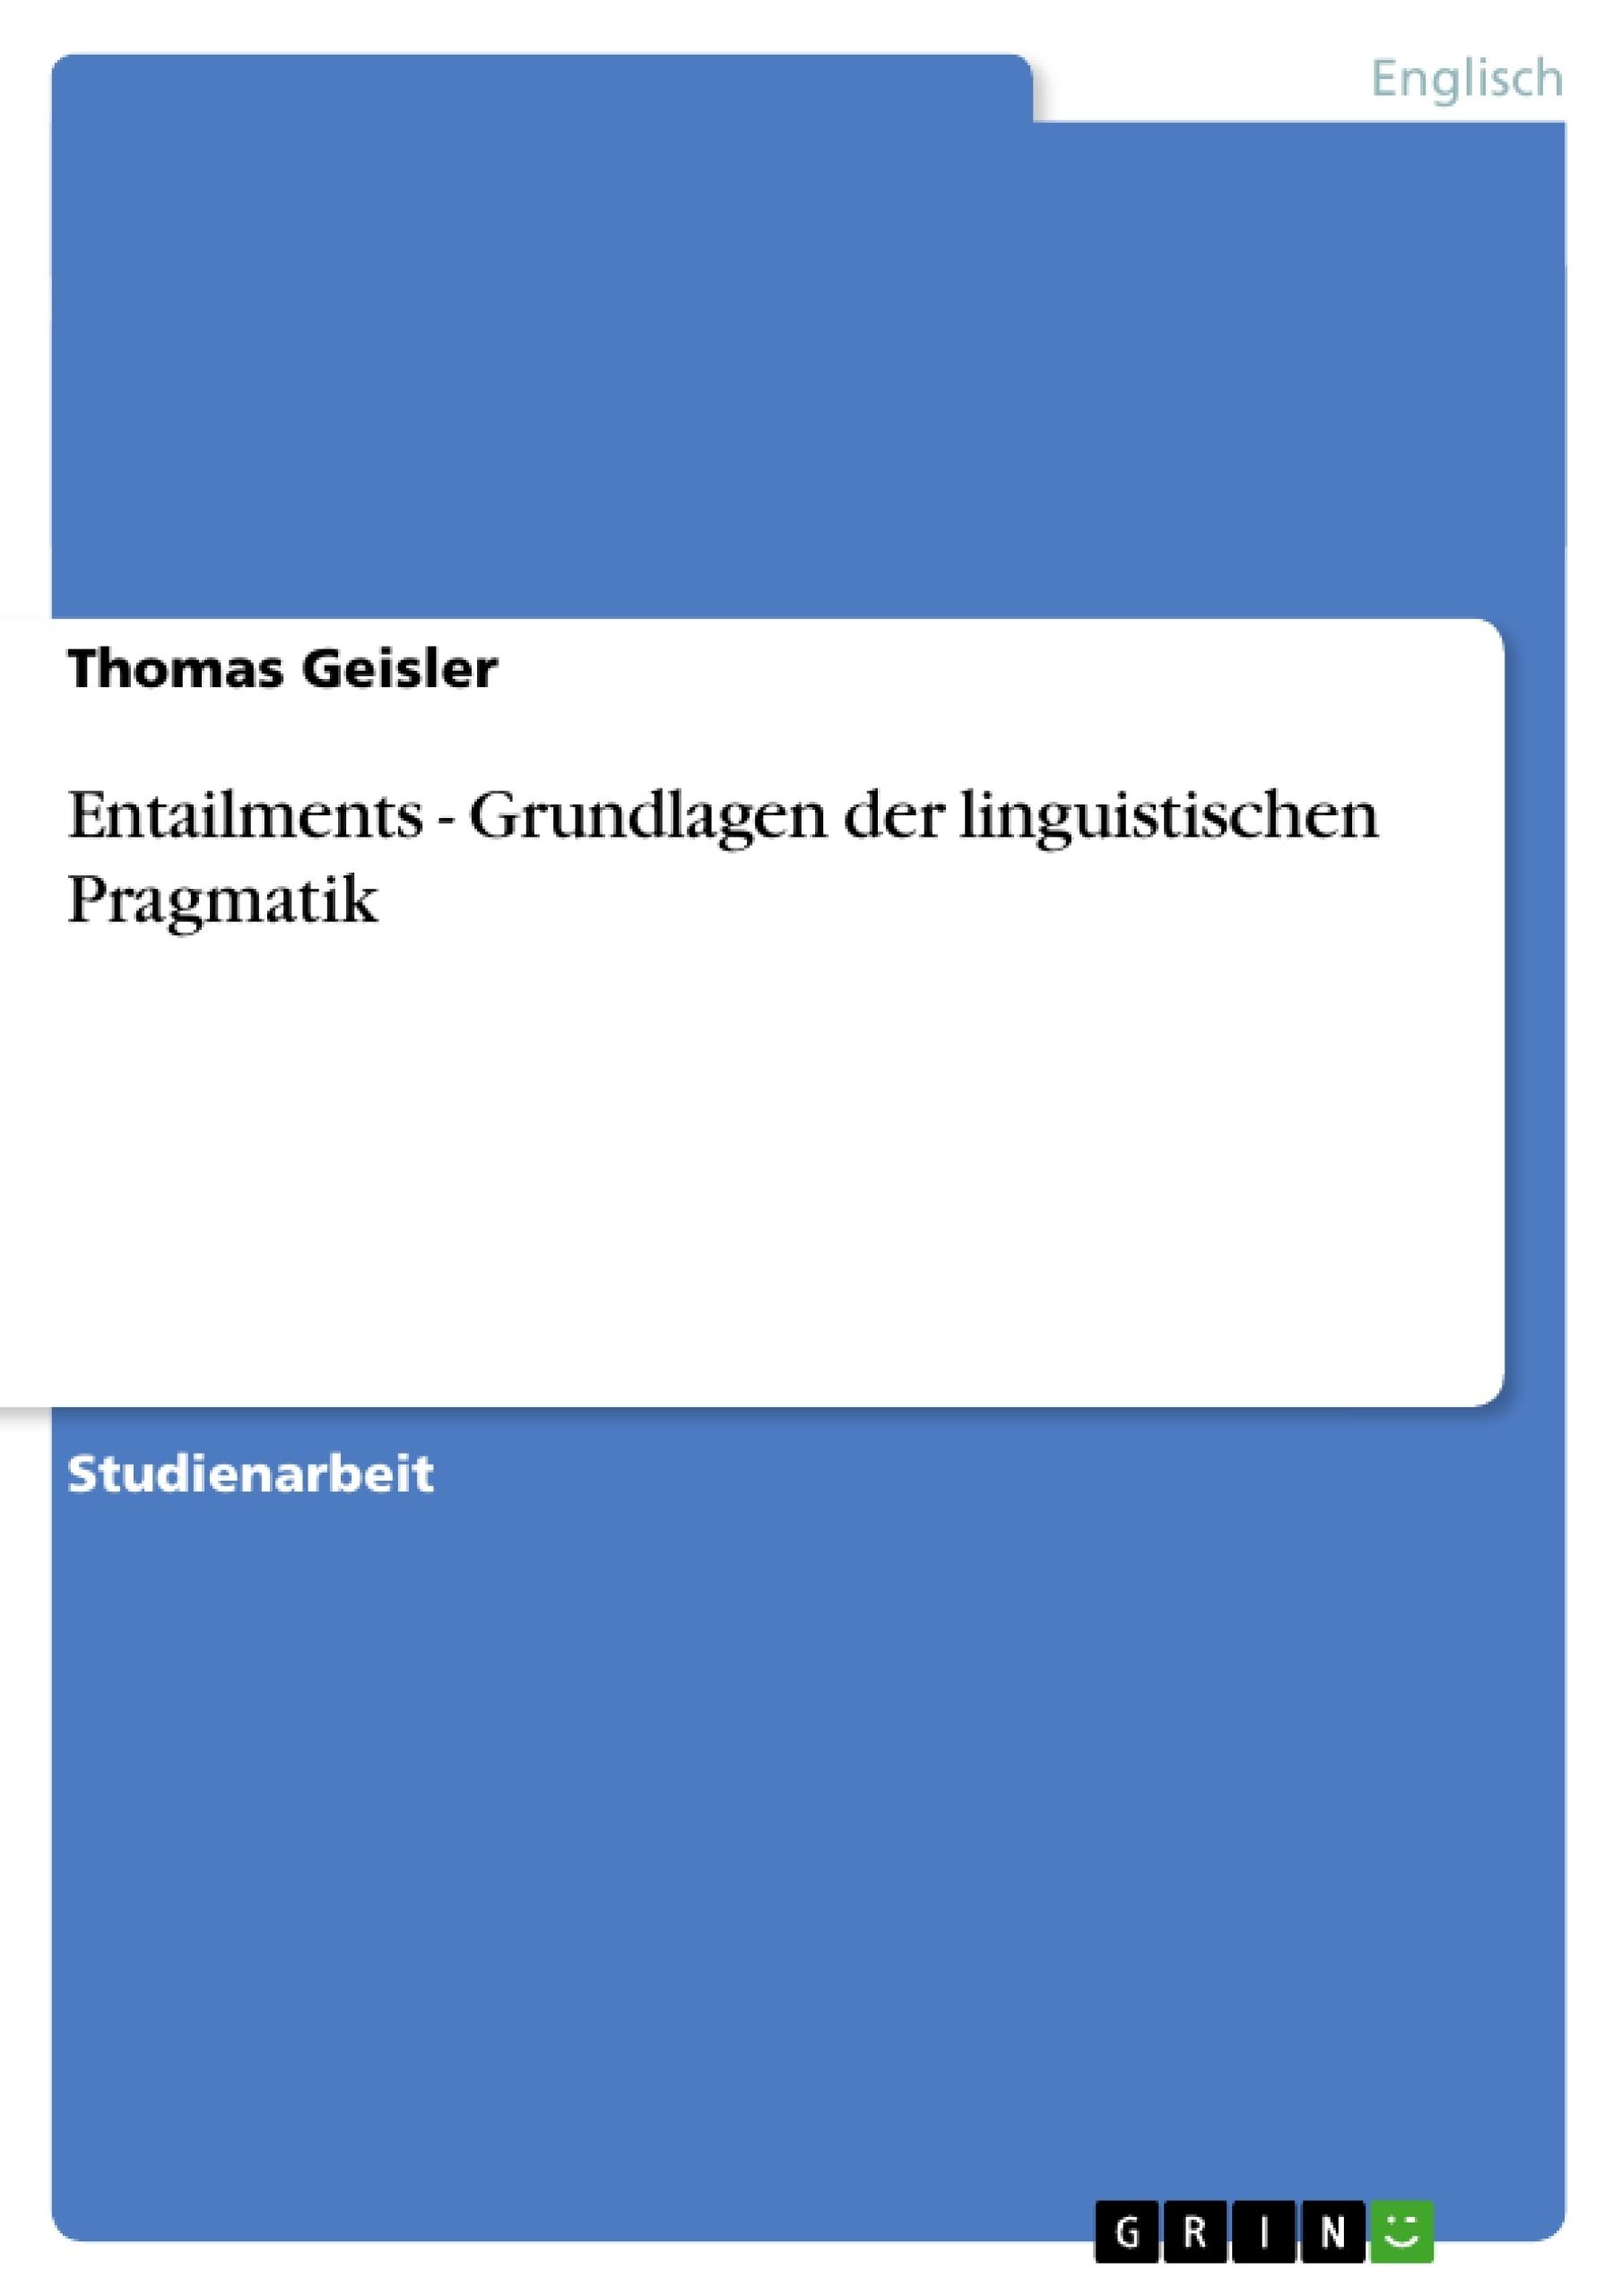 Titel: Entailments - Grundlagen der linguistischen Pragmatik